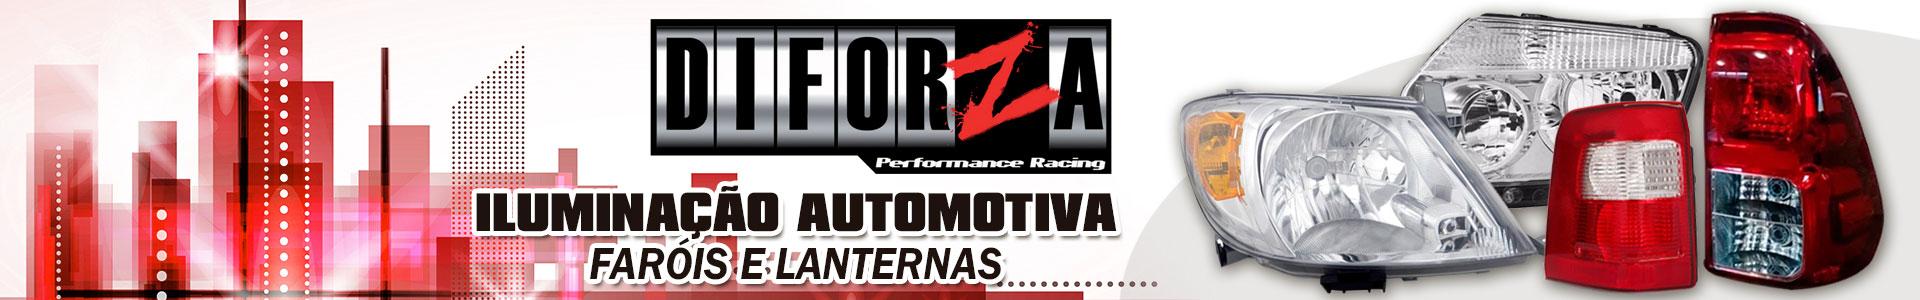 iluminacao-automotiva-diforza-ips-brasil